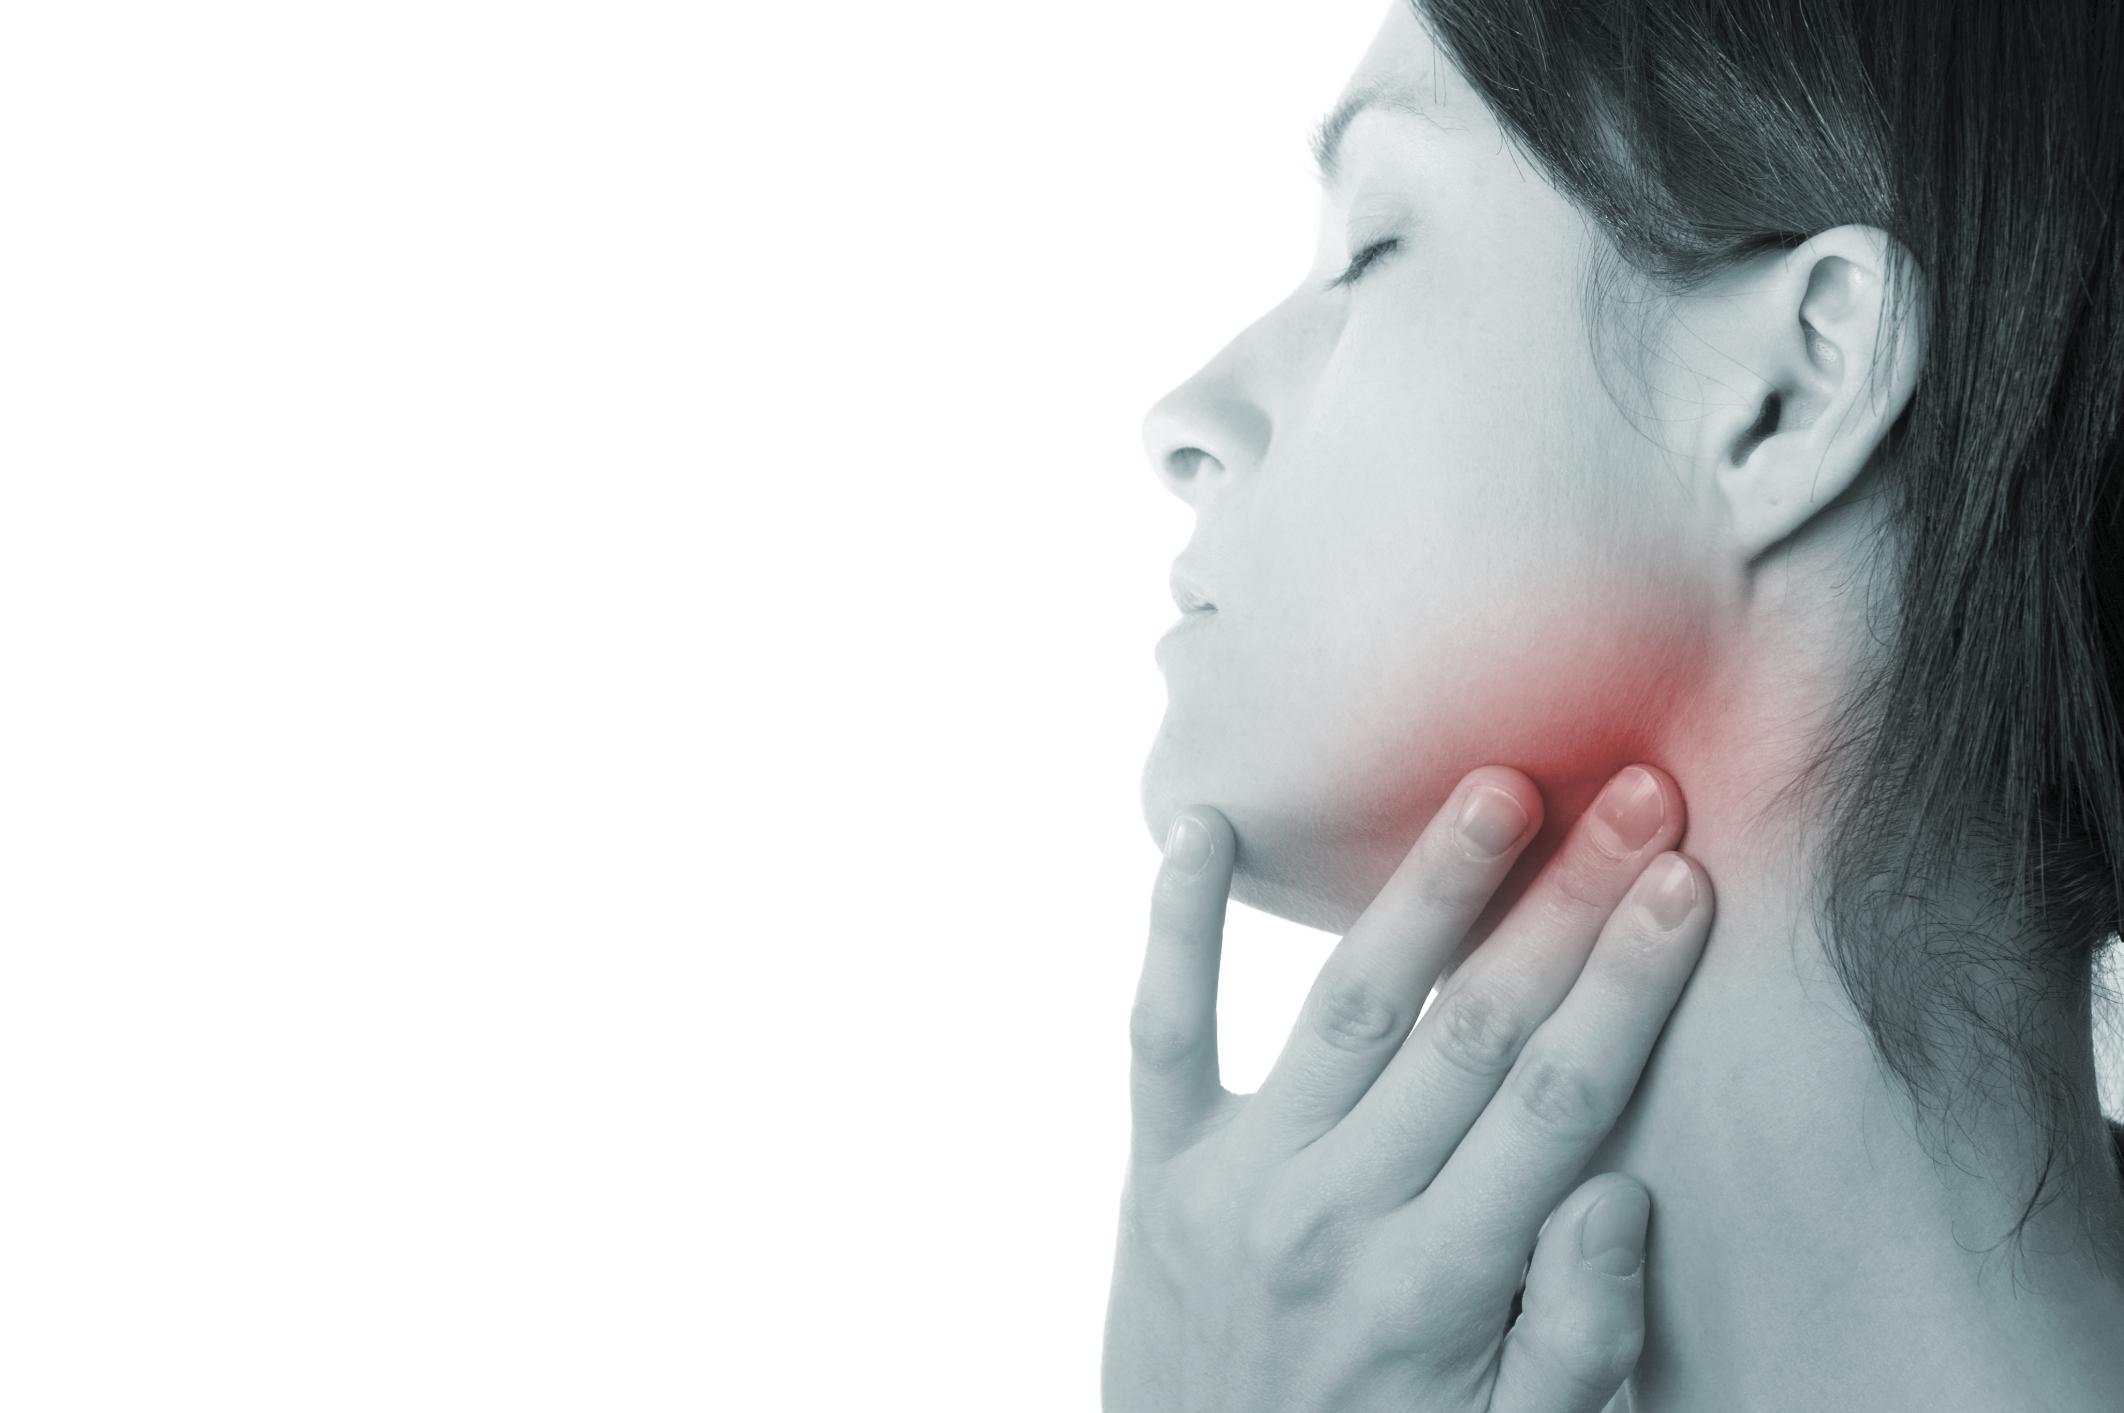 Щелкает челюсть при открытии рта лечение в домашних условиях